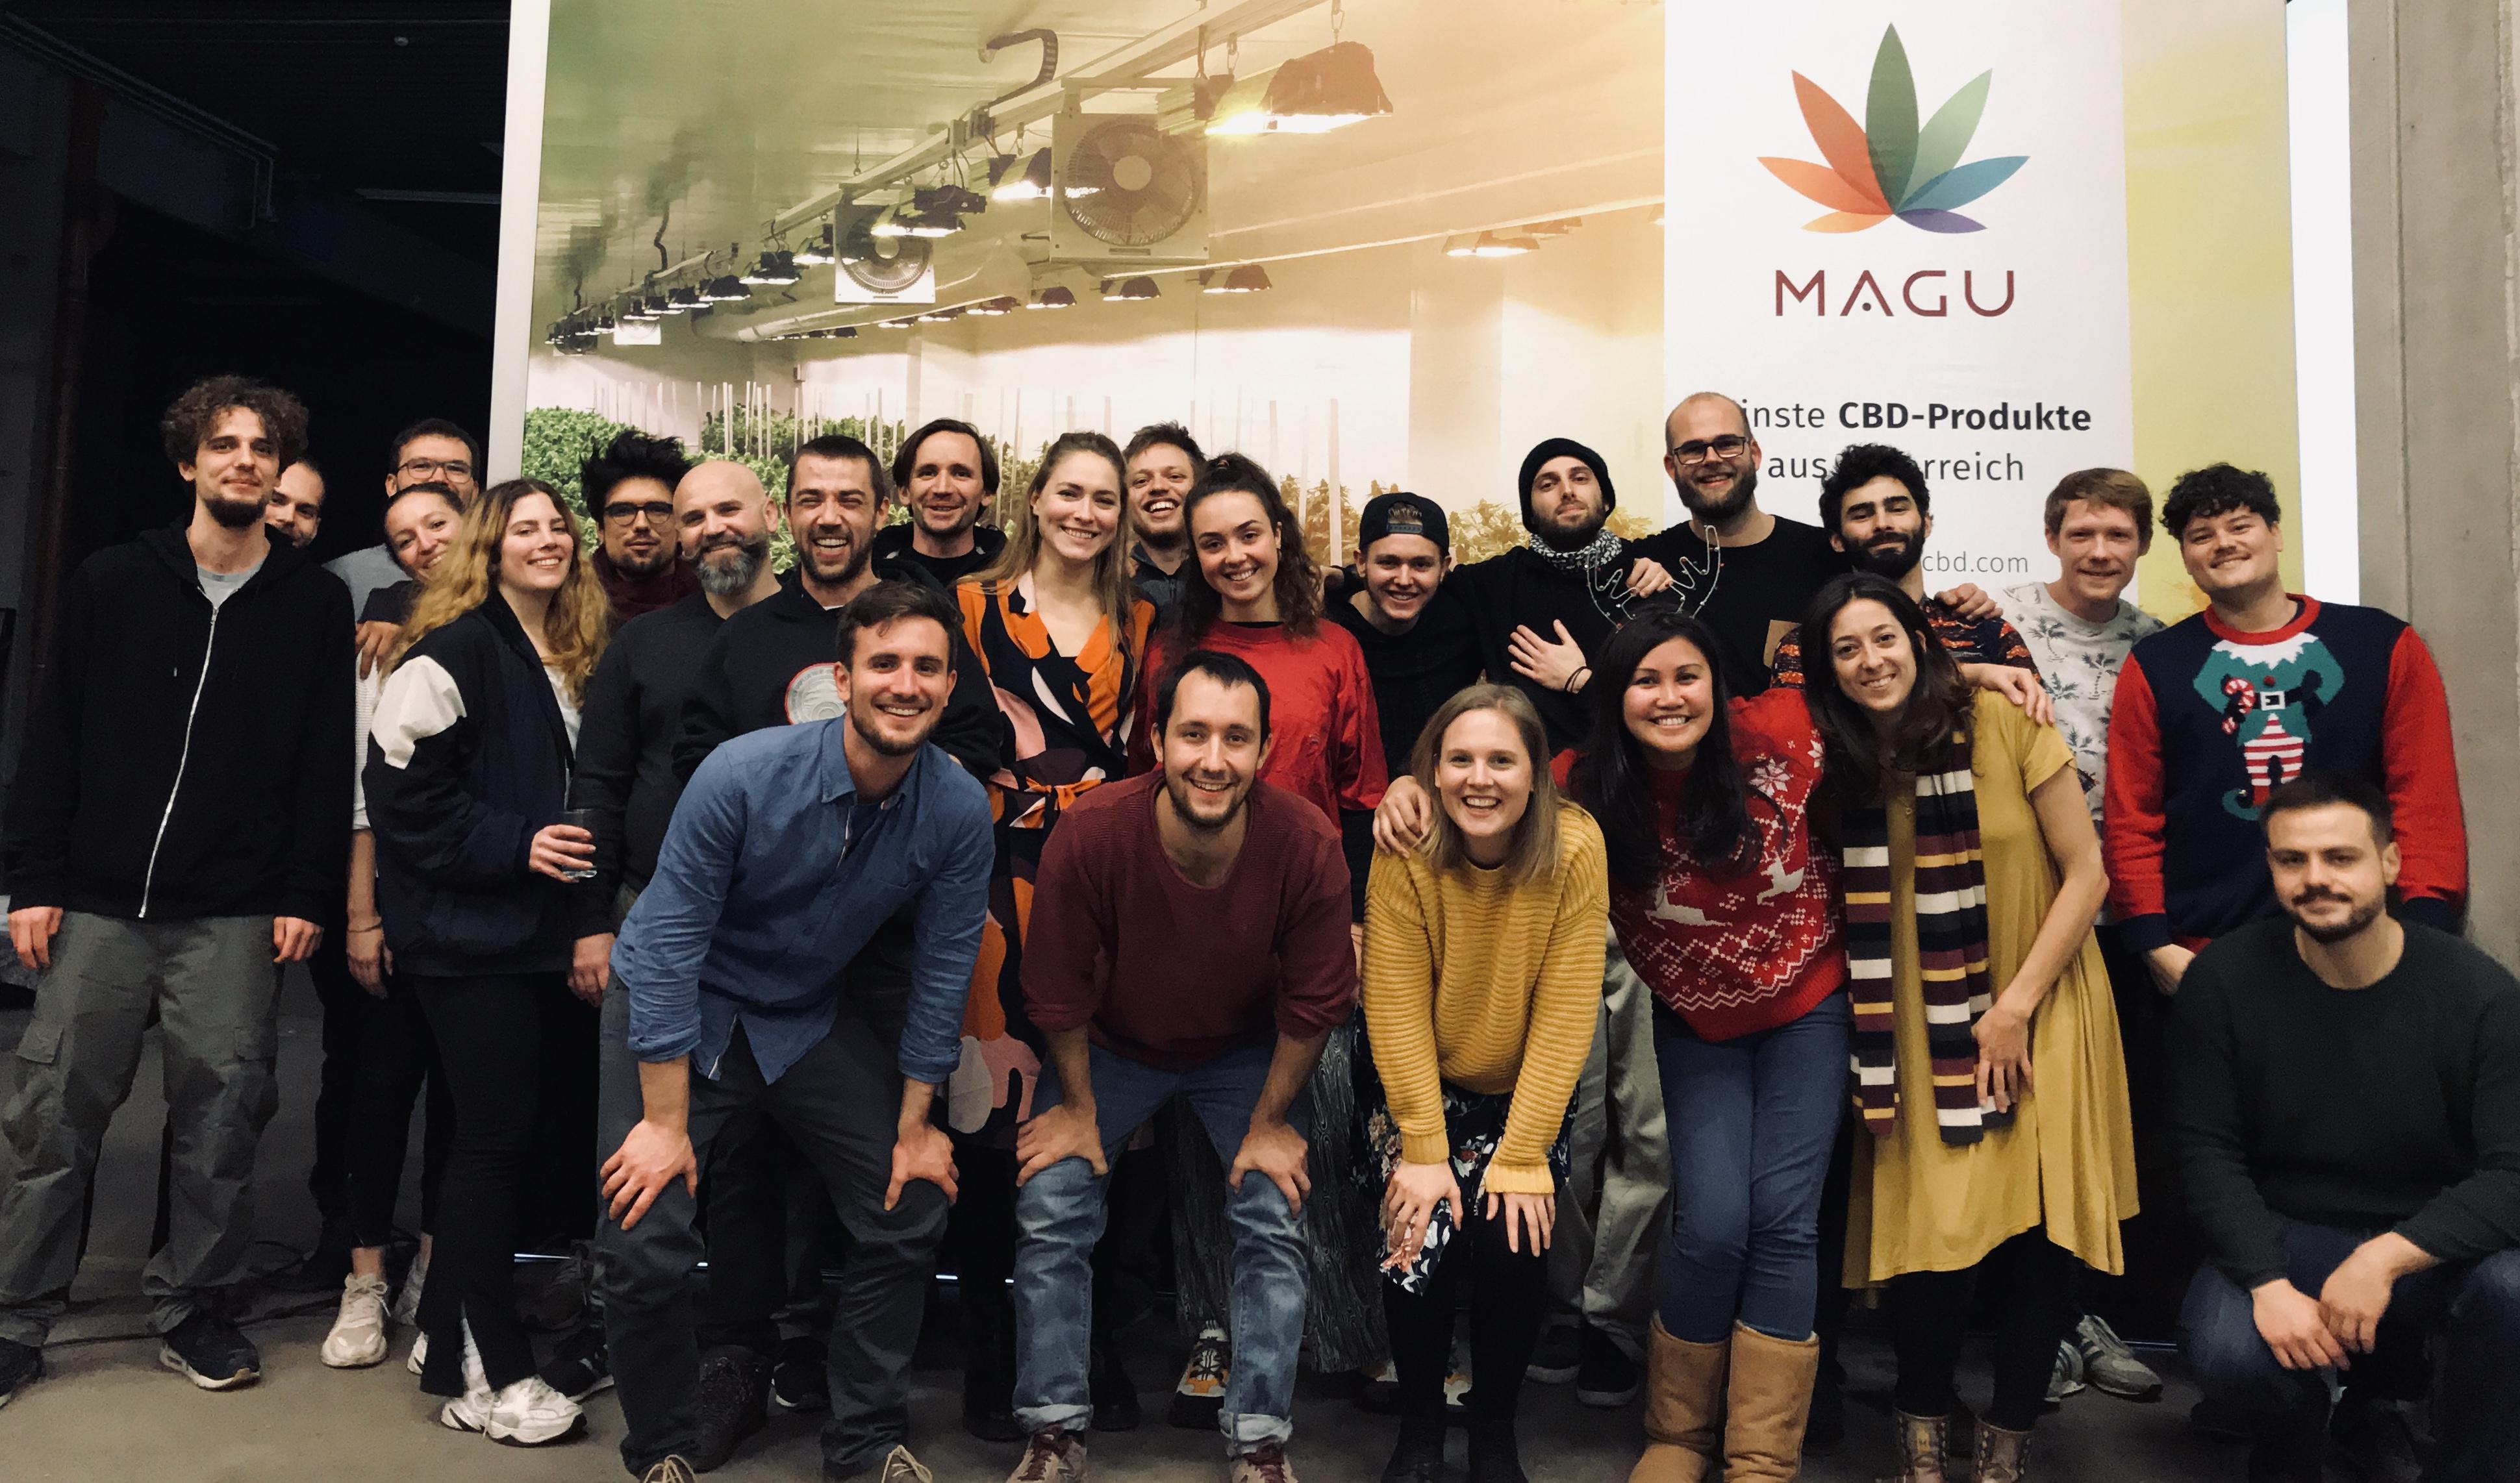 MAGU Team bei der Weihnachtsfeier 2019